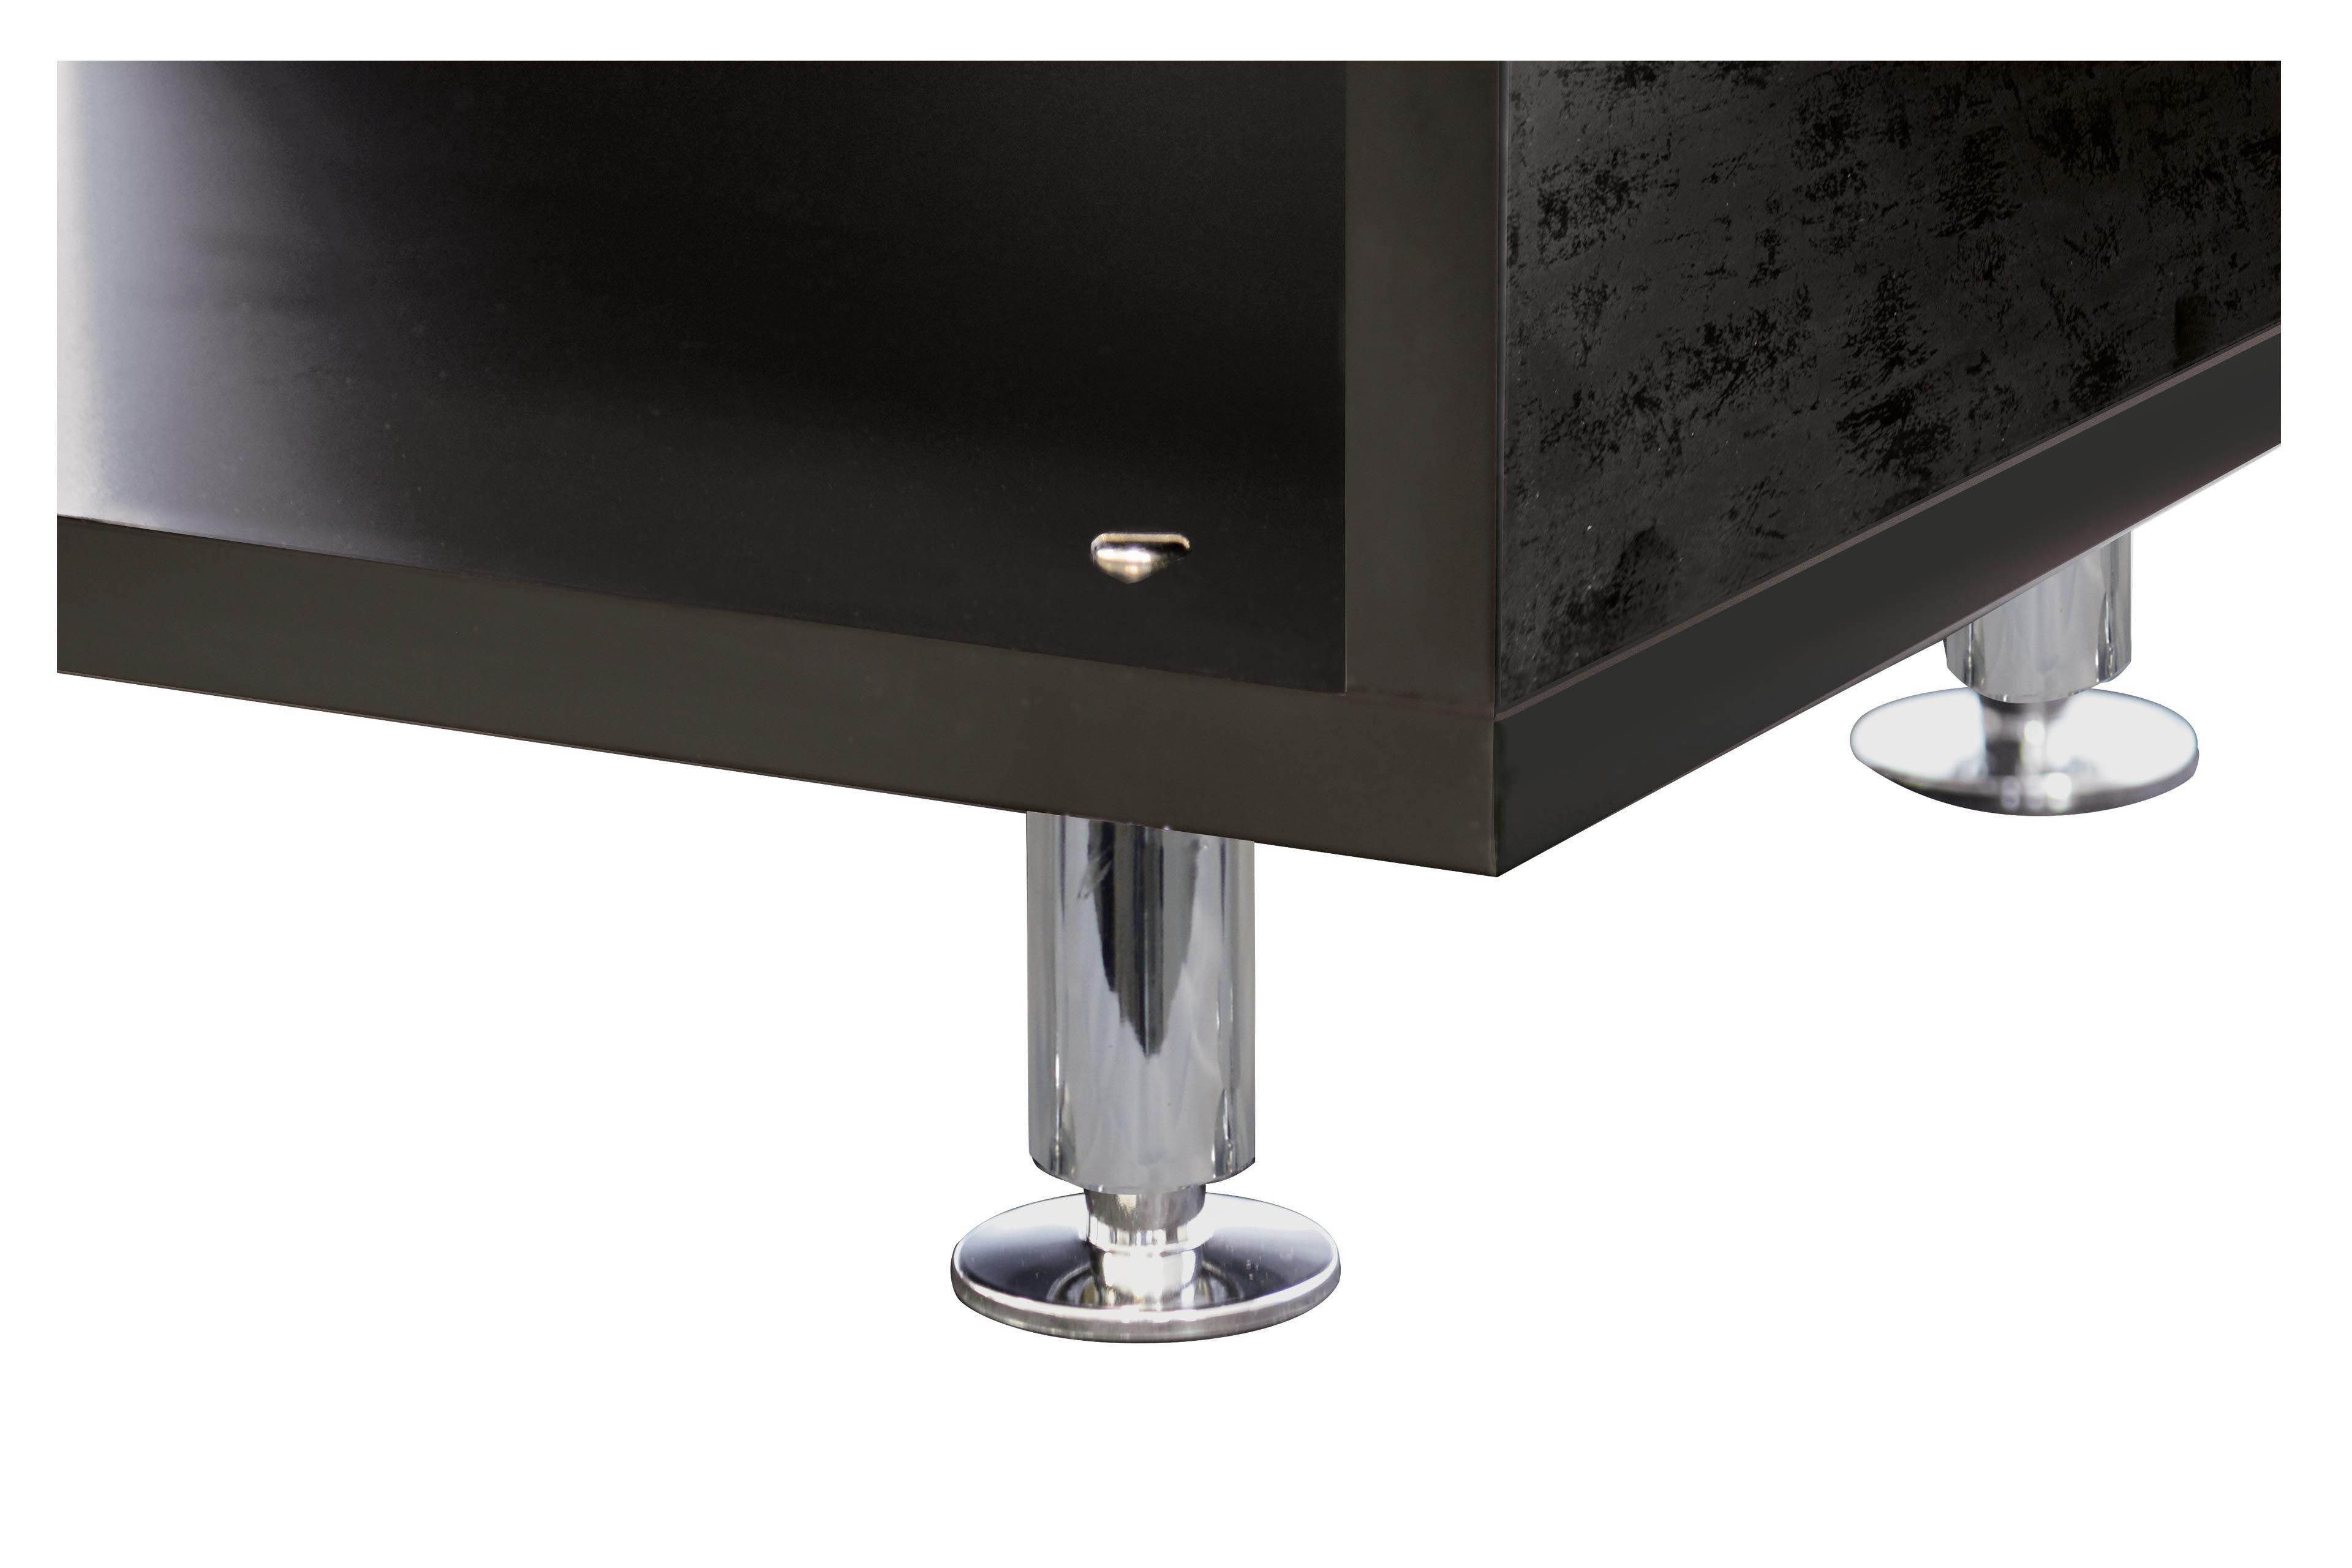 Bezaubernd Tv Schrank Geschlossen Galerie Von Matera Von Munari - Tv-möbel Mt110ne Bi